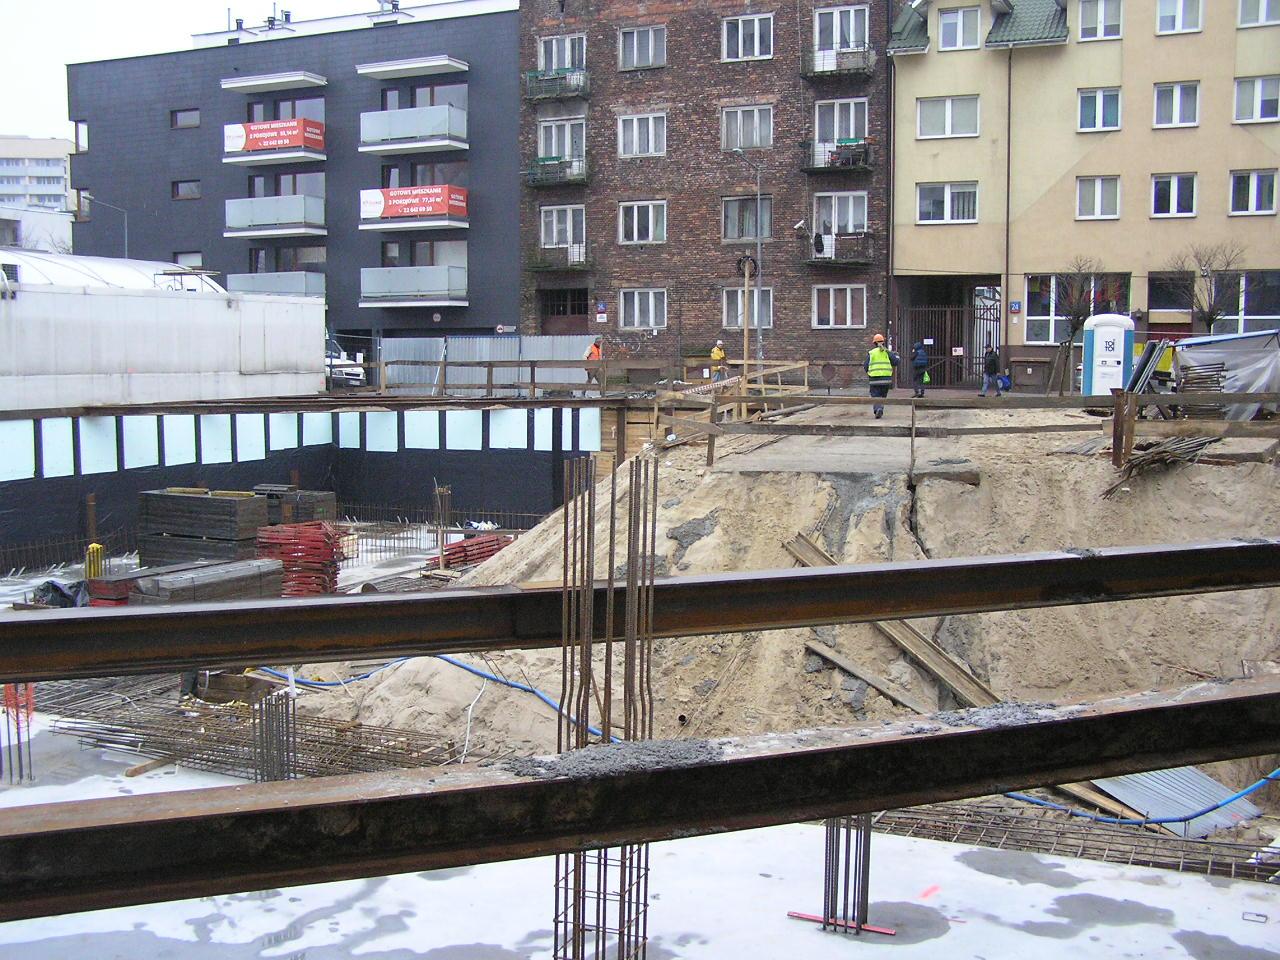 Budowa na Czapelskiej 25 utrudnia życie mieszkańcom